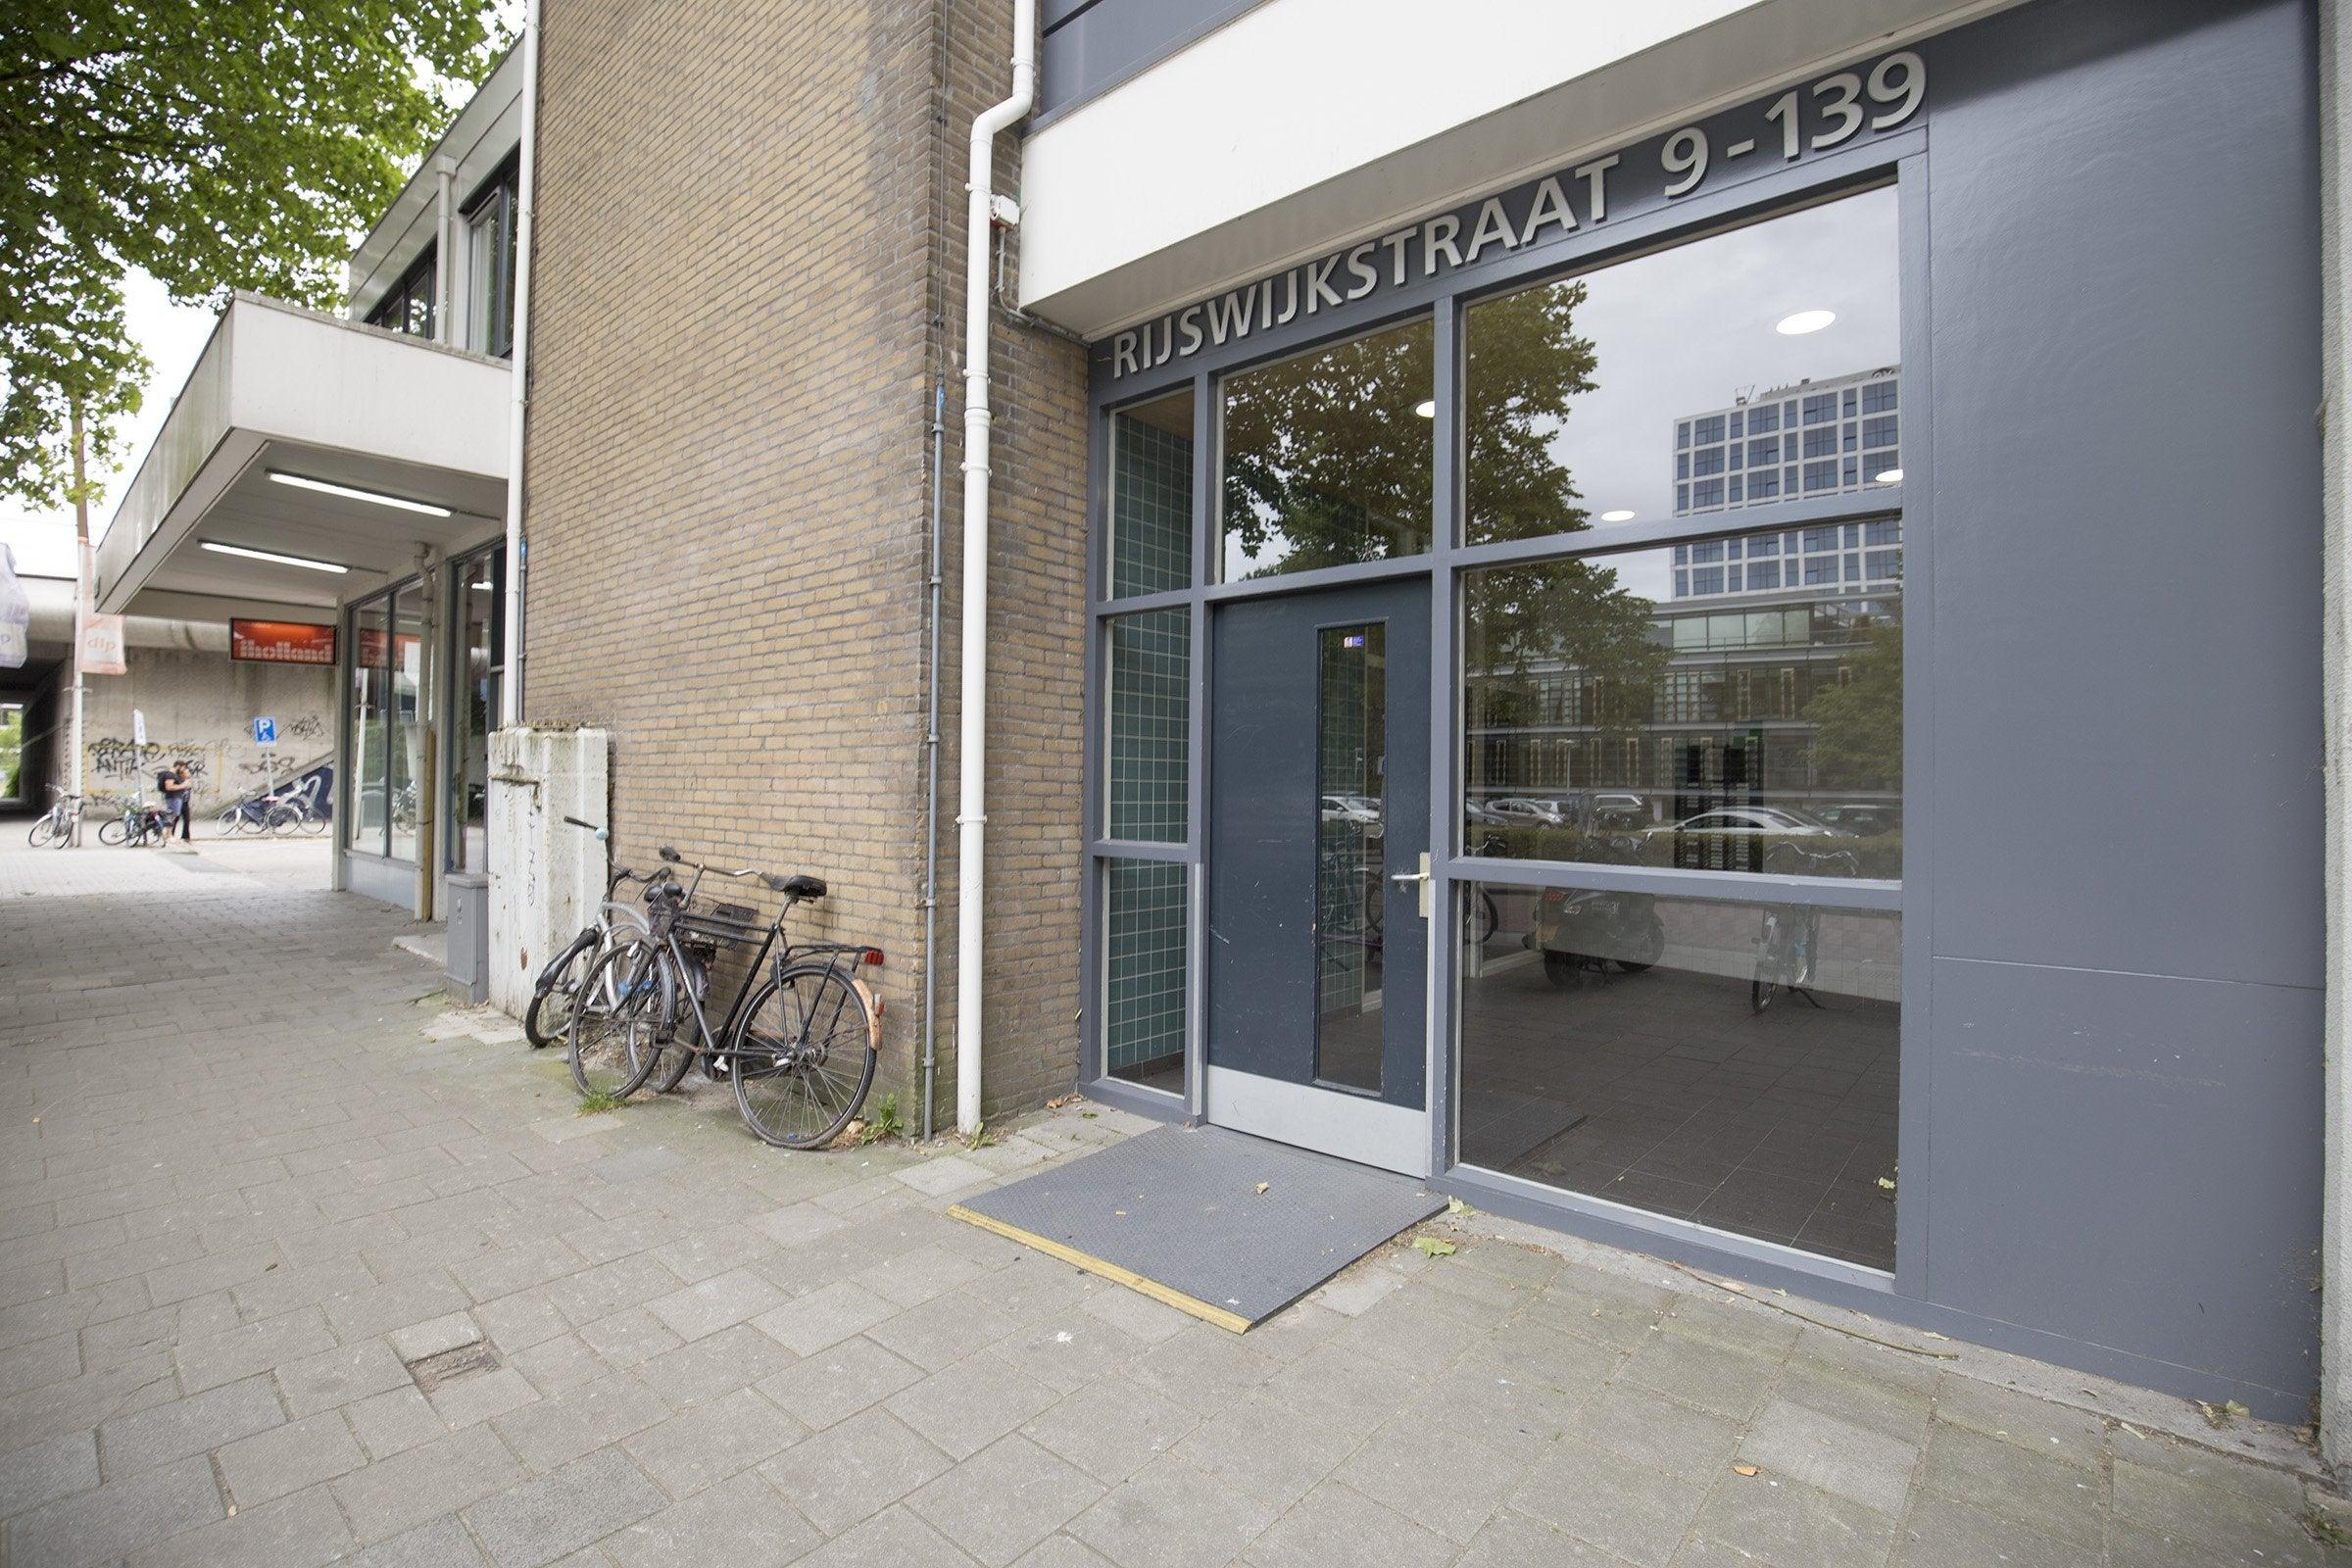 Rijswijkstraat